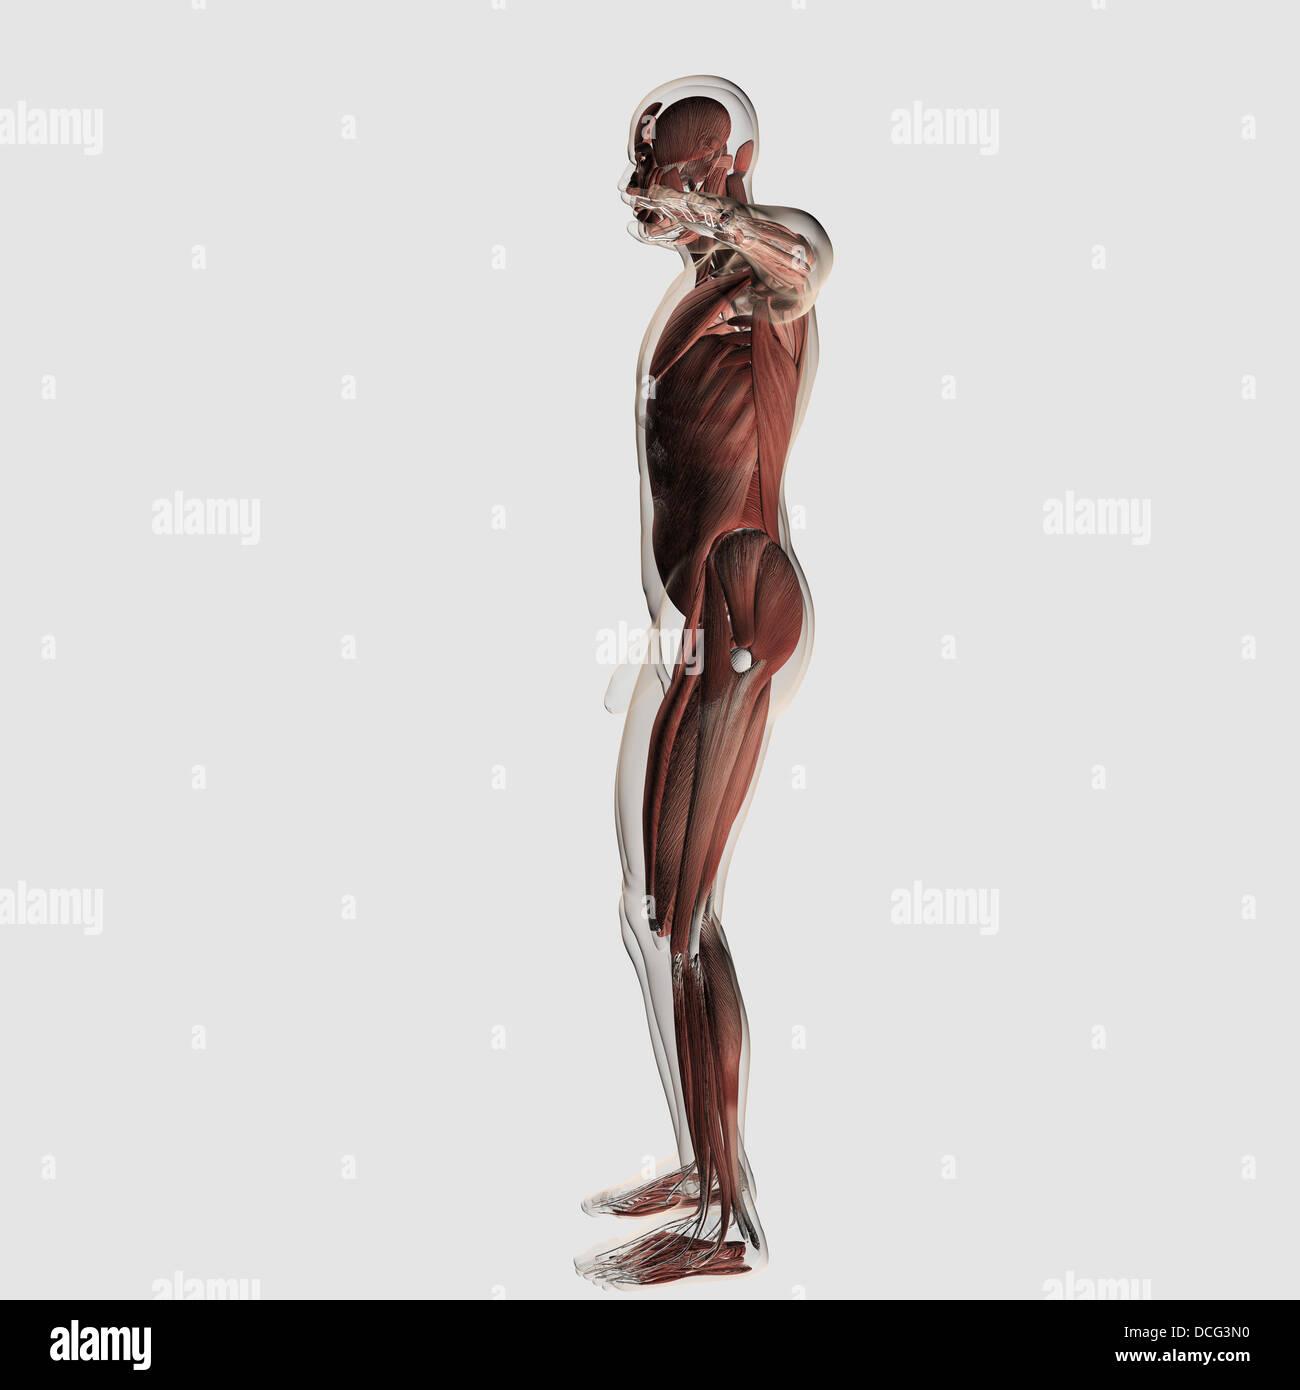 Ausgezeichnet Shin Muskelanatomie Ideen - Menschliche Anatomie ...